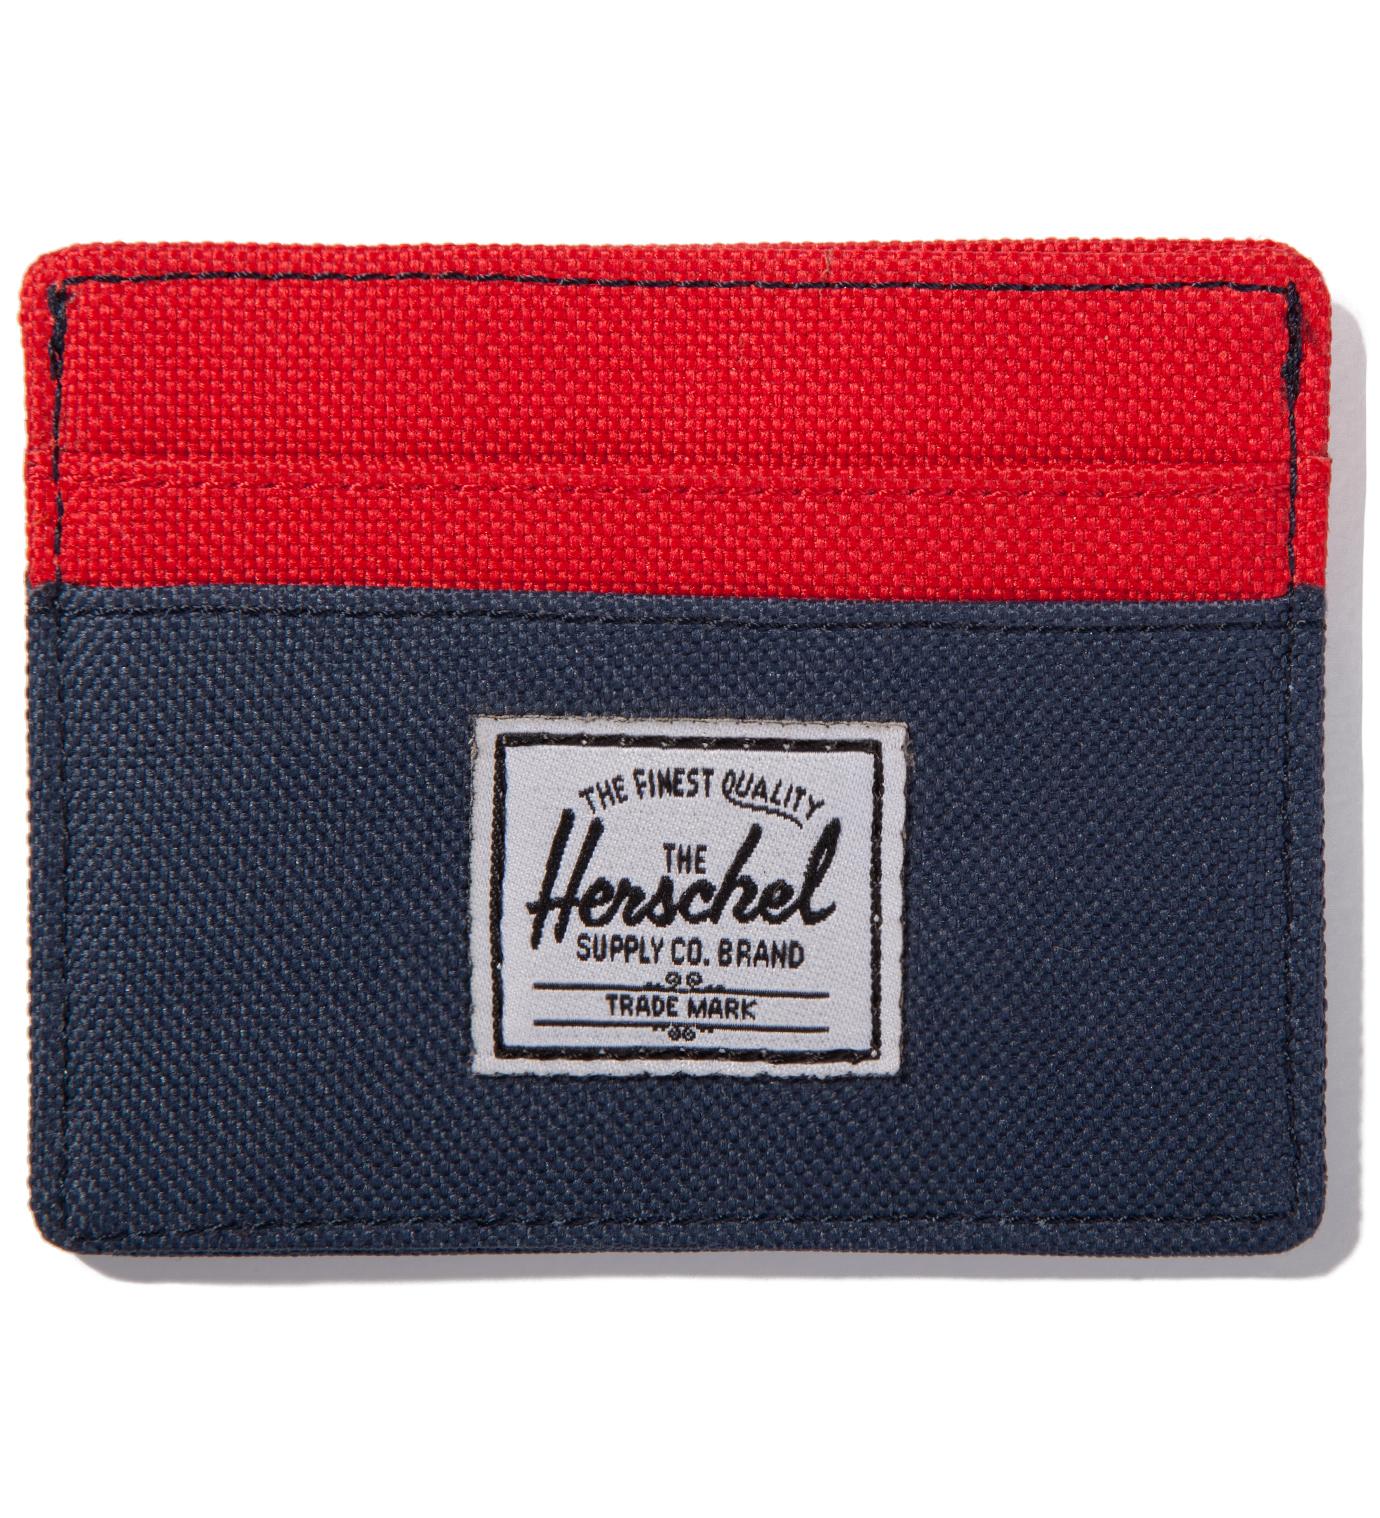 Herschel Supply Co. Red/Navy Charlie Card Case